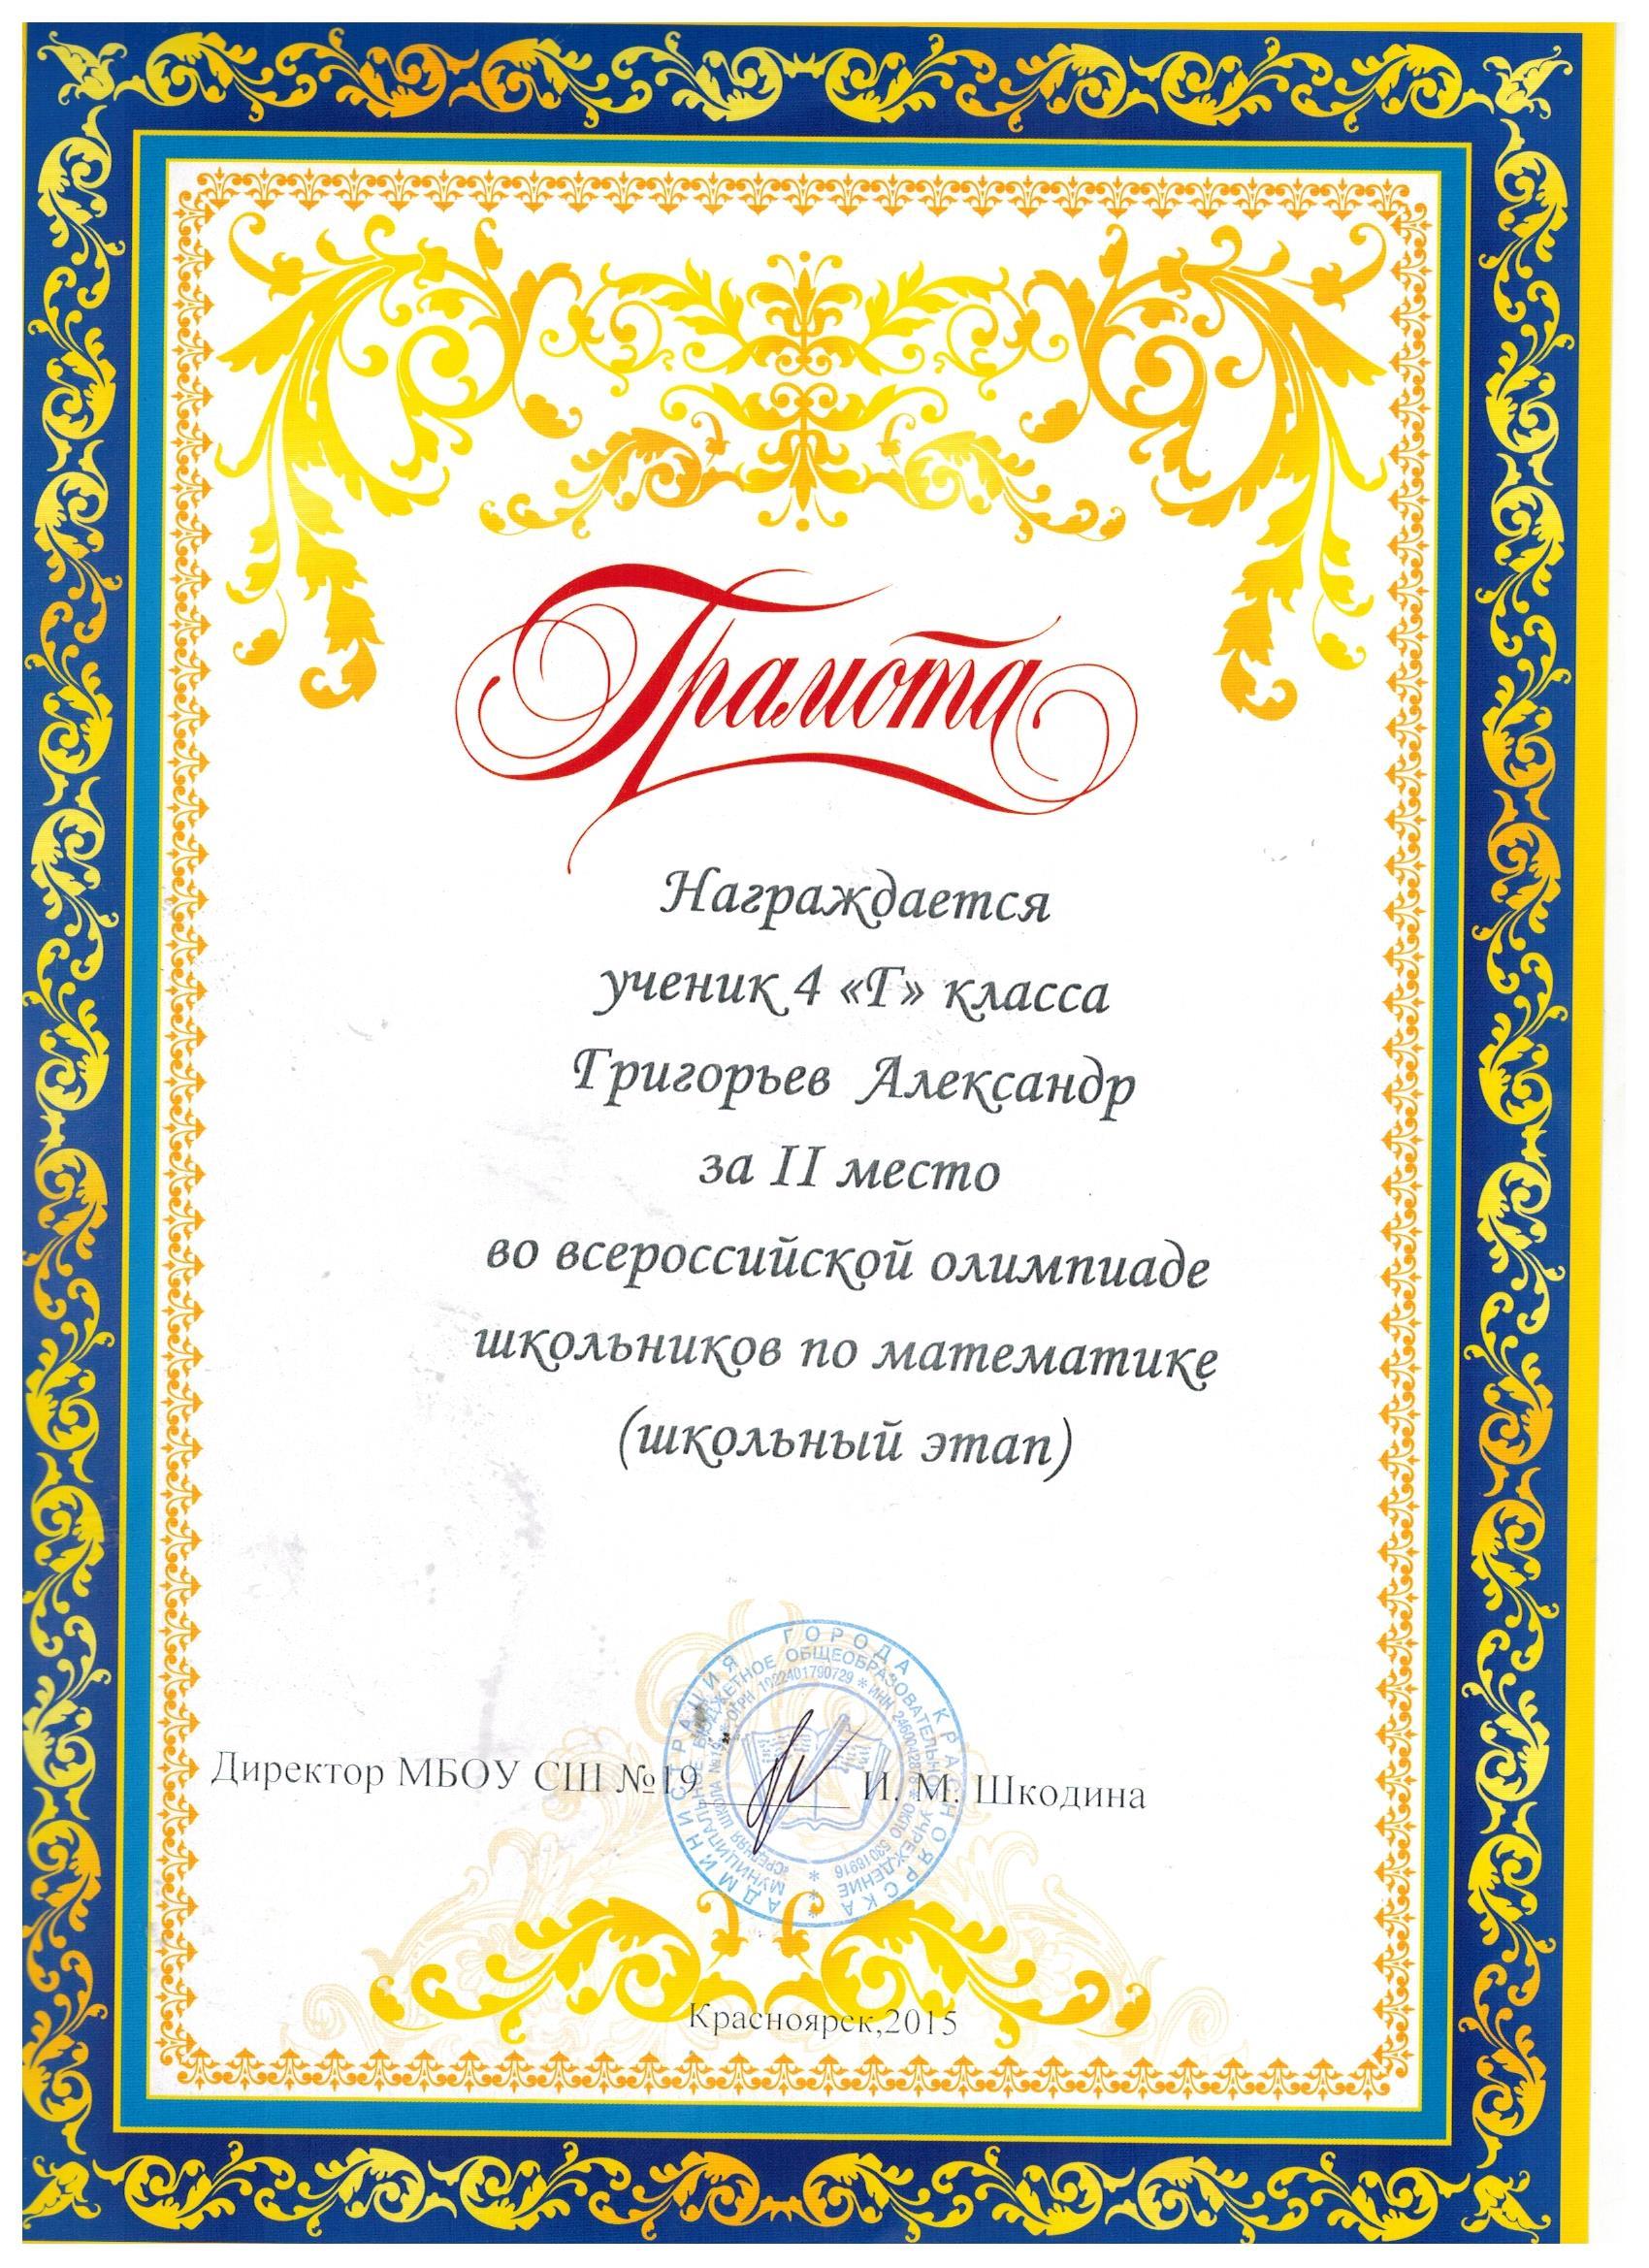 Долготько Евгения Александровна Григорьев Александр грамота за 2 место во Всероссийской олимпиаде по математике 2015 г